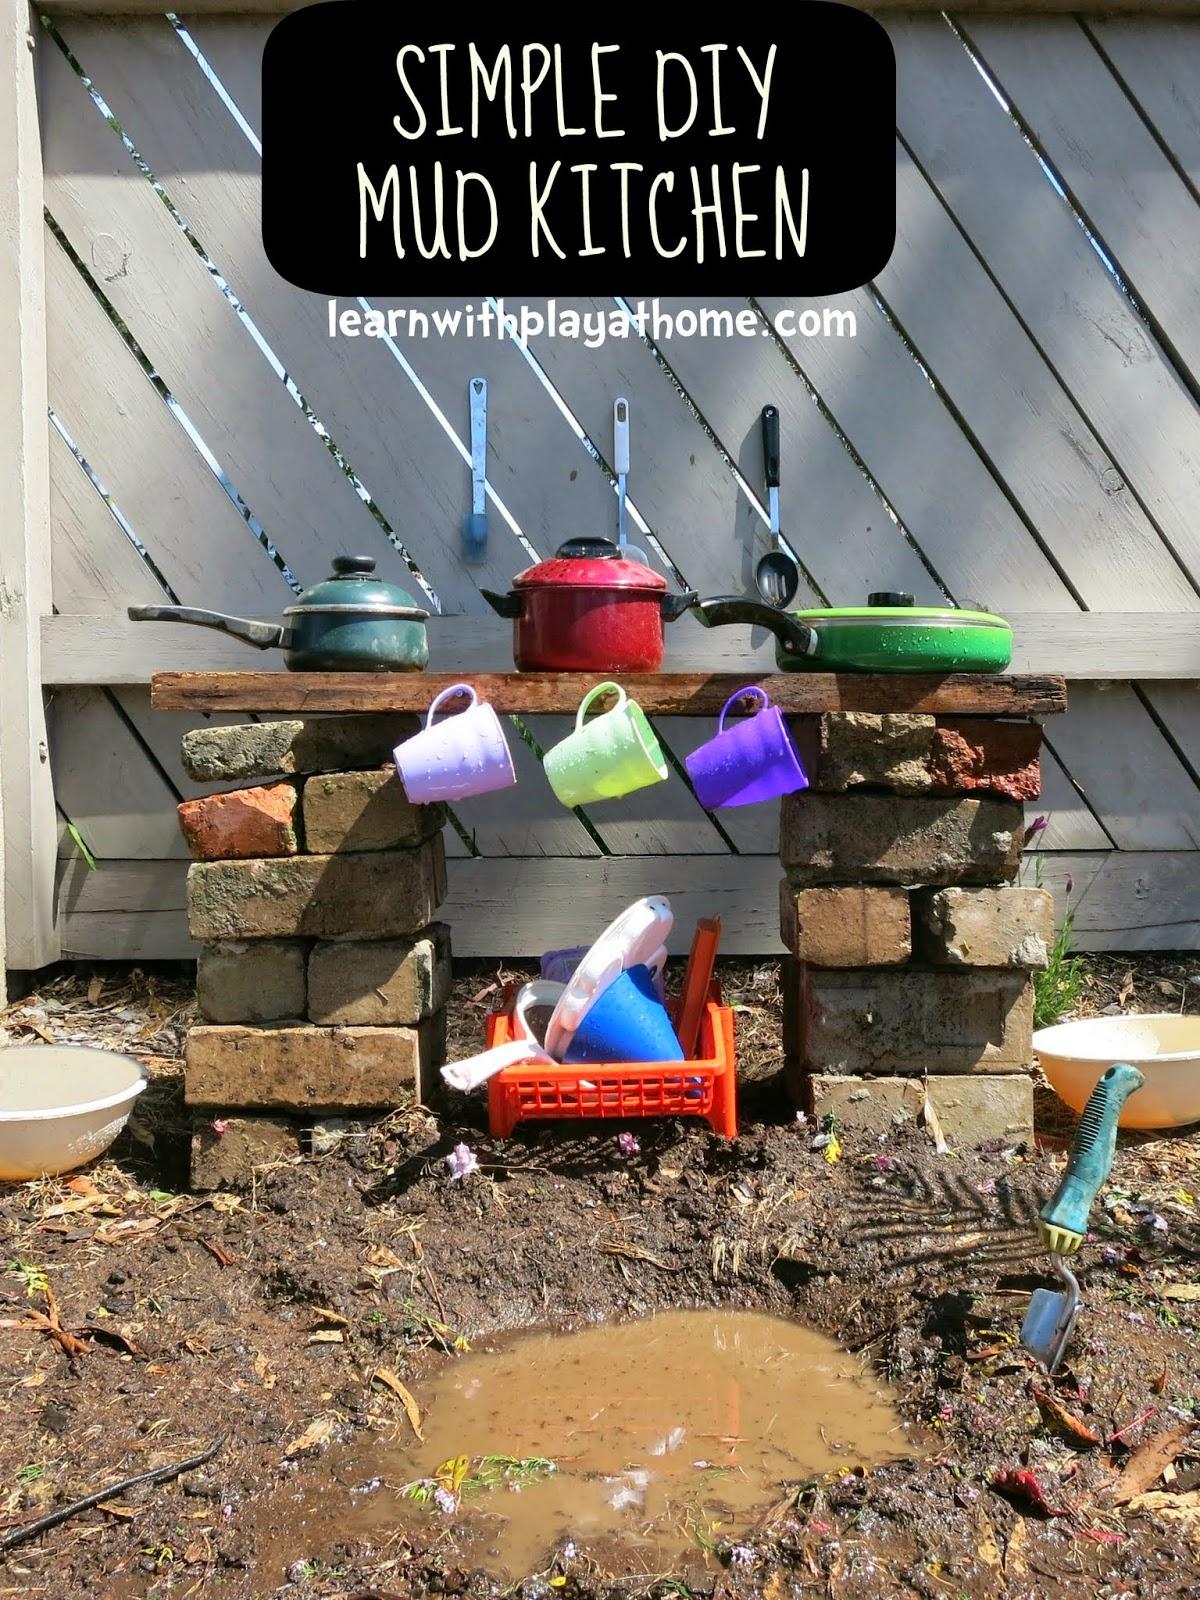 Simple DIY Mudpie Kitchen